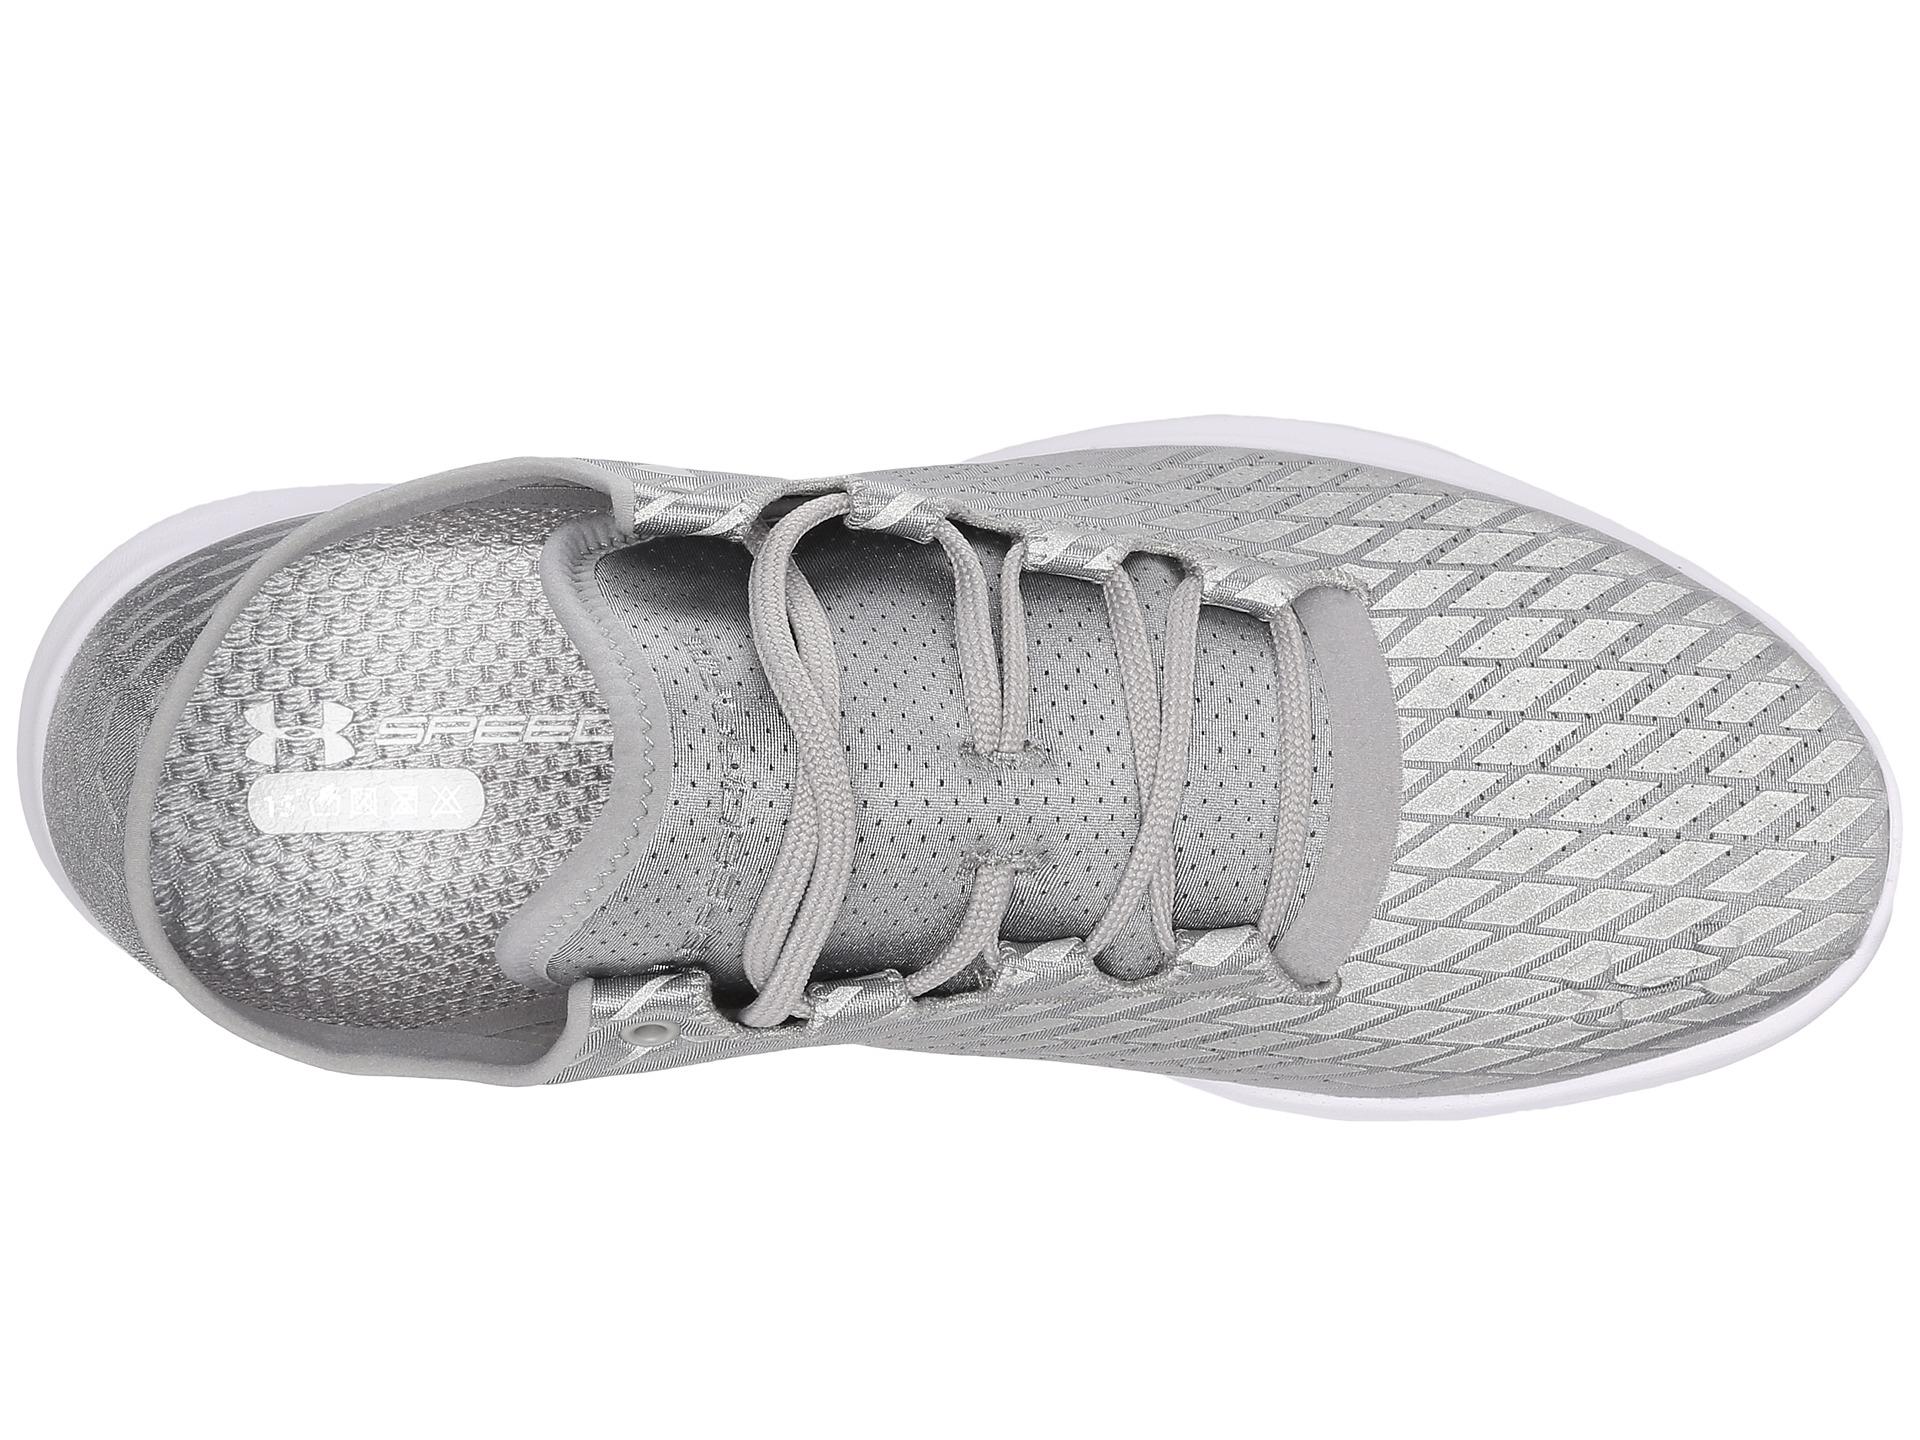 Dazzling Under Armour Spine Running Shoes | Wondrous Under Armour Spine Venom